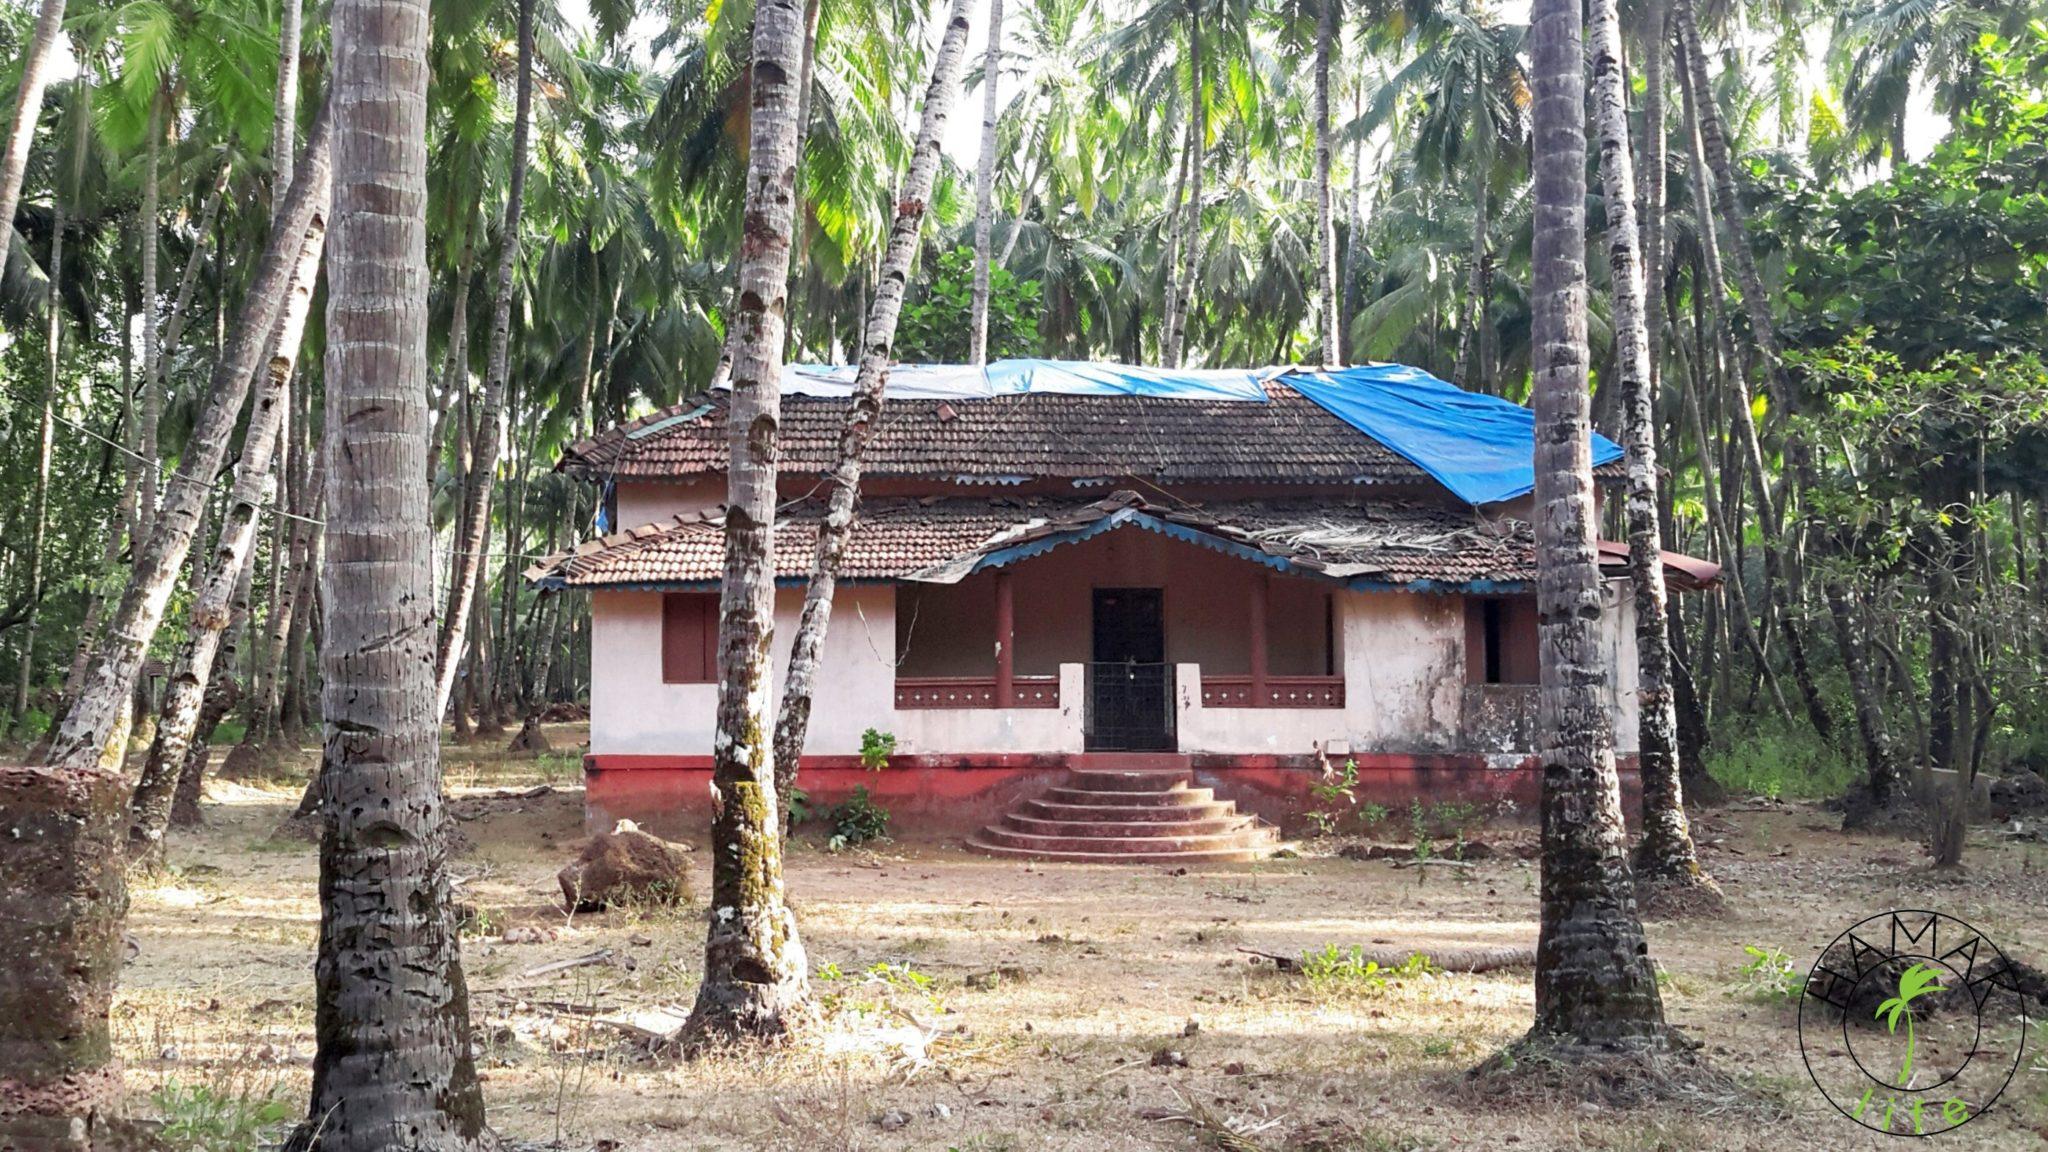 Opuszczony dom na Goa w palmowym gaju.